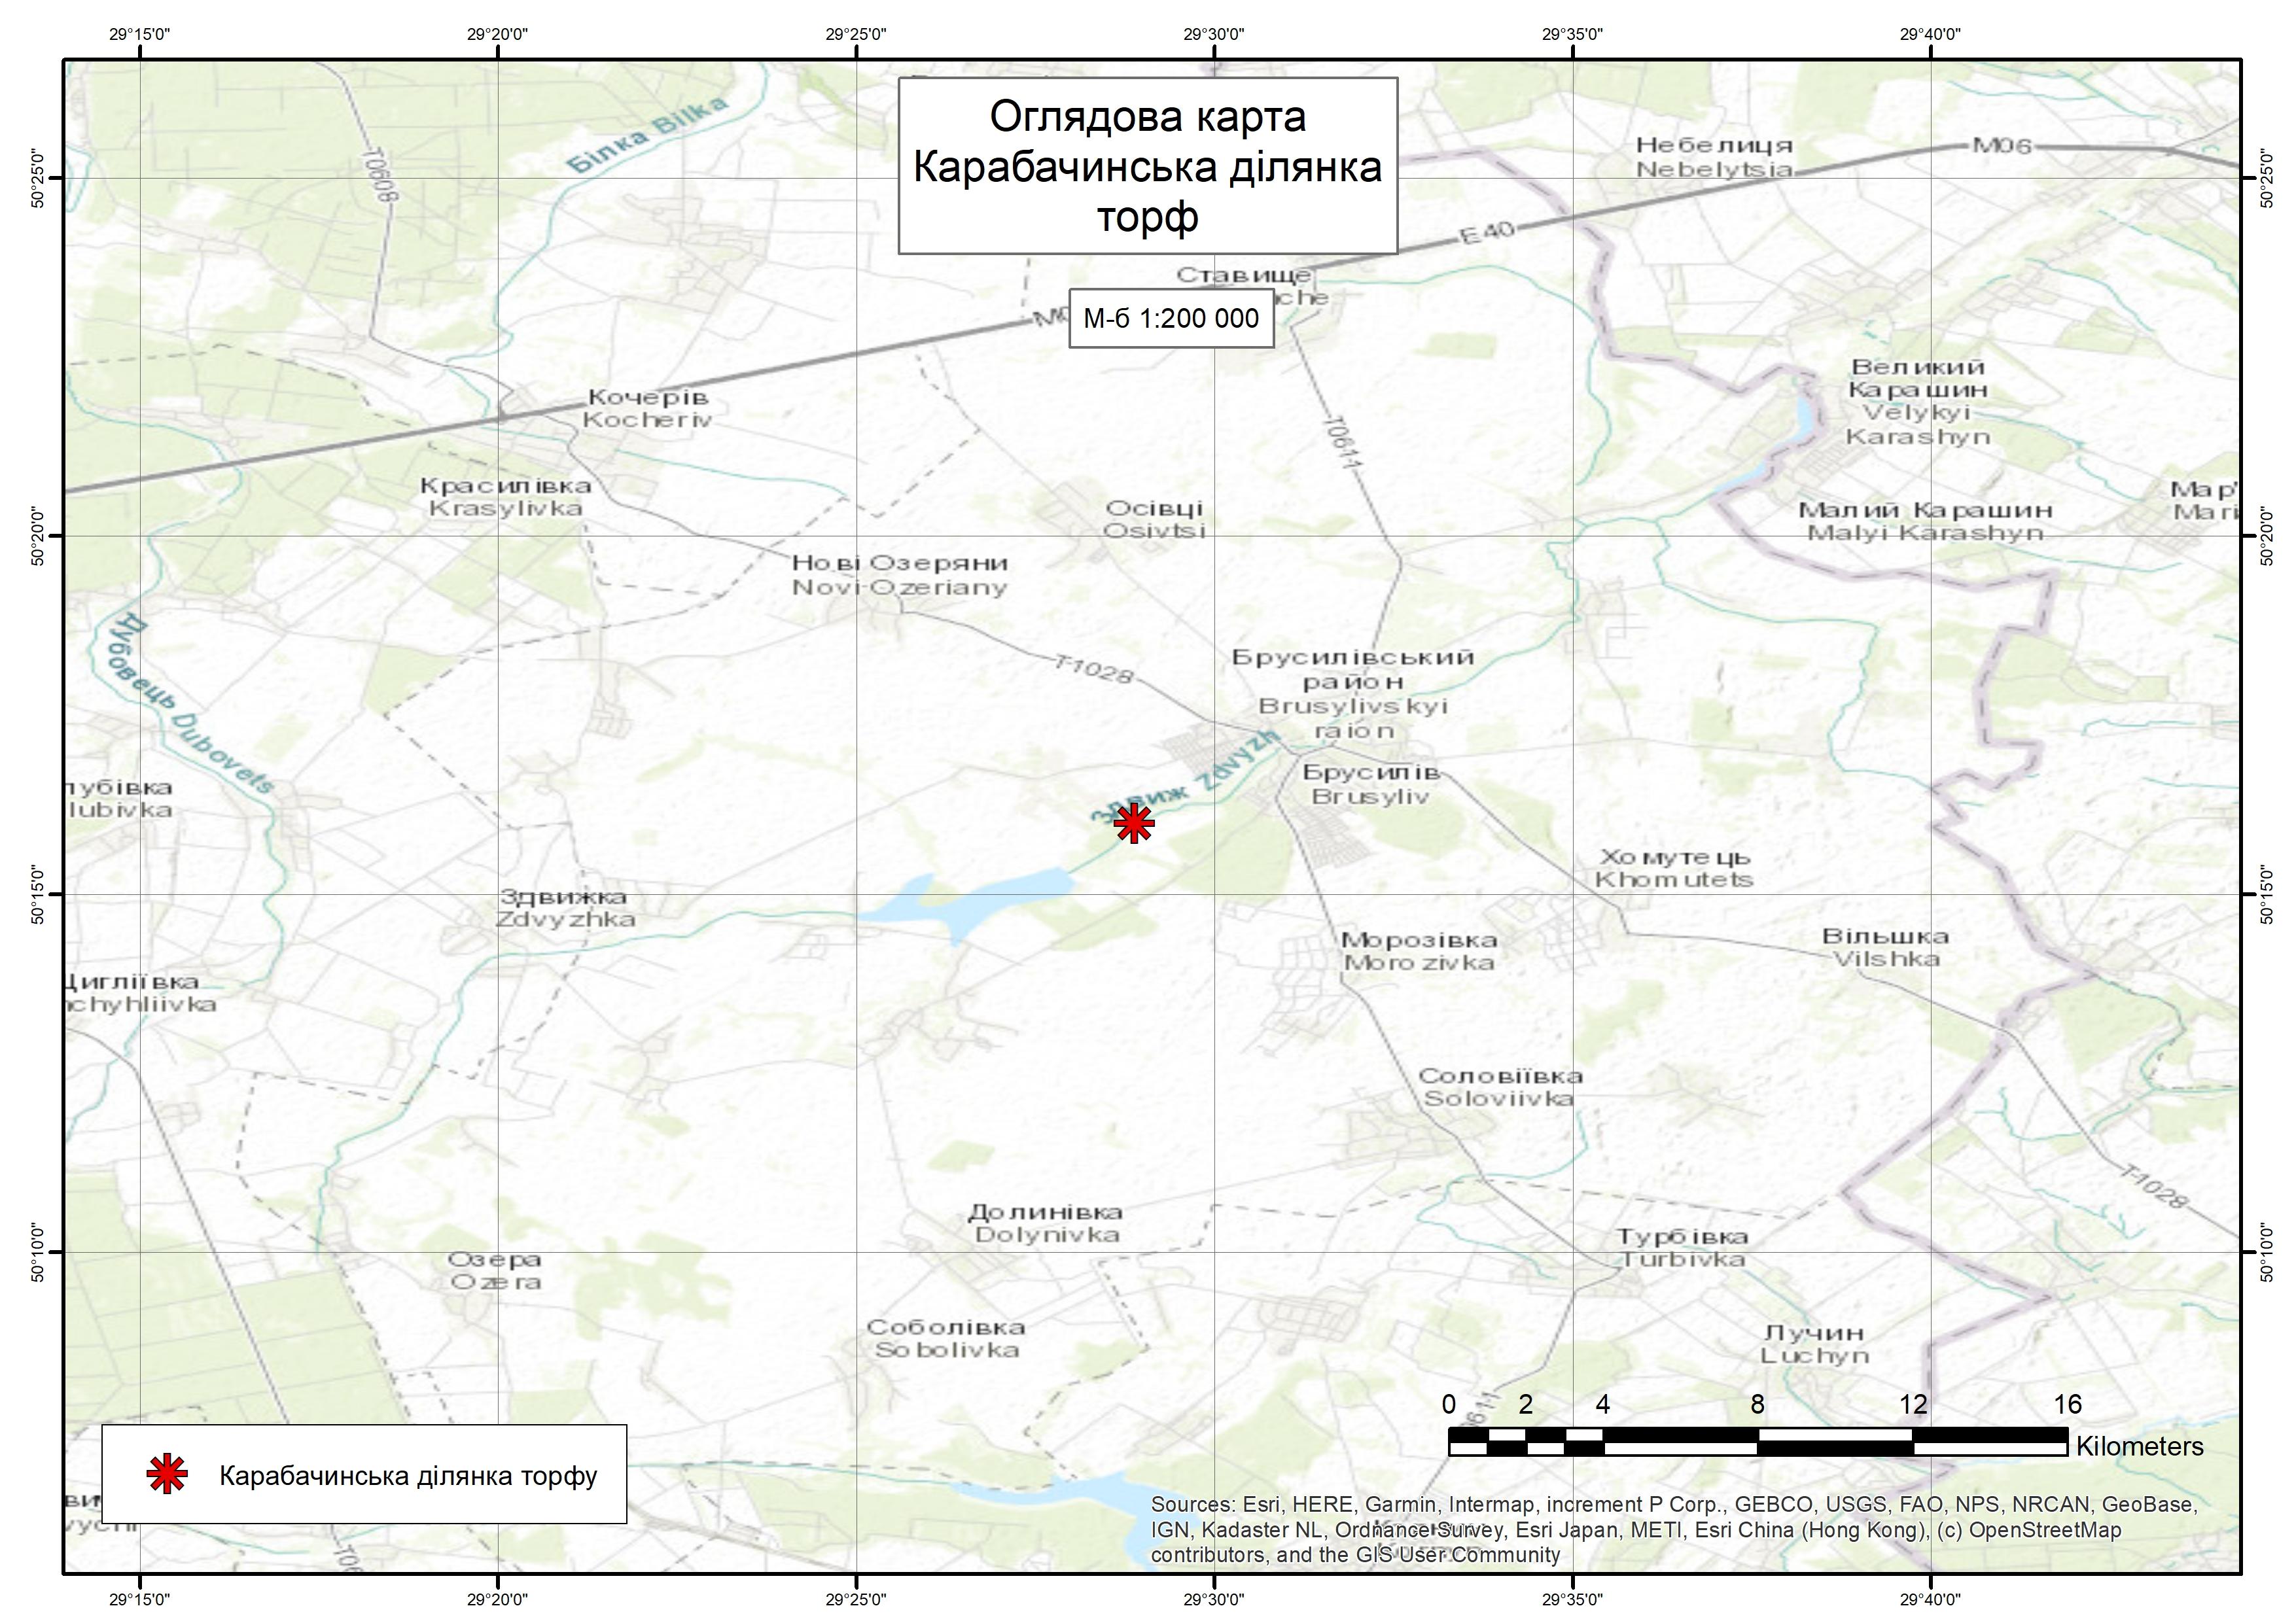 Спеціальний дозвіл на користування надрами – Карабачинська ділянка. Вартість геологічної інформації – 63 136,31 грн (з ПДВ). Вартість пакету аукціонної документації – 4 500 грн (з ПДВ).